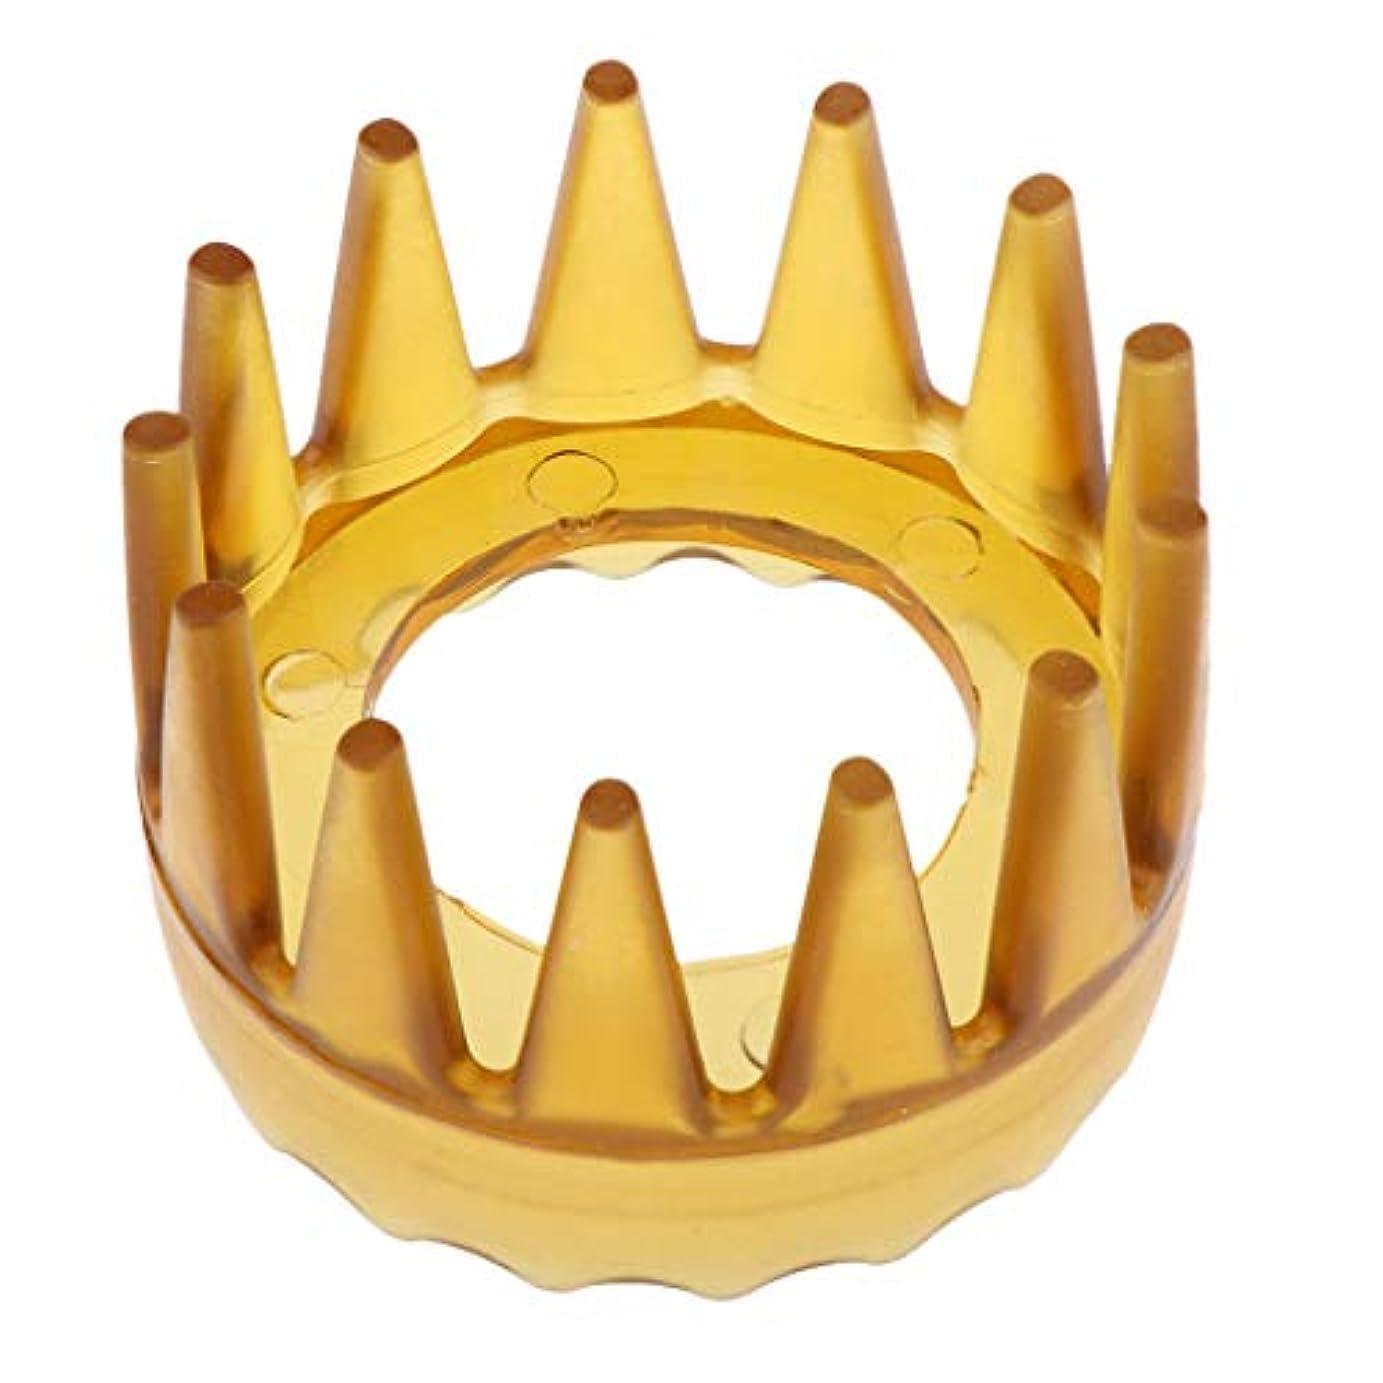 音楽マージン湿ったヘアケアブラシ 頭皮マッサージ 滑り止め 櫛 くし 4色選べ - 黄